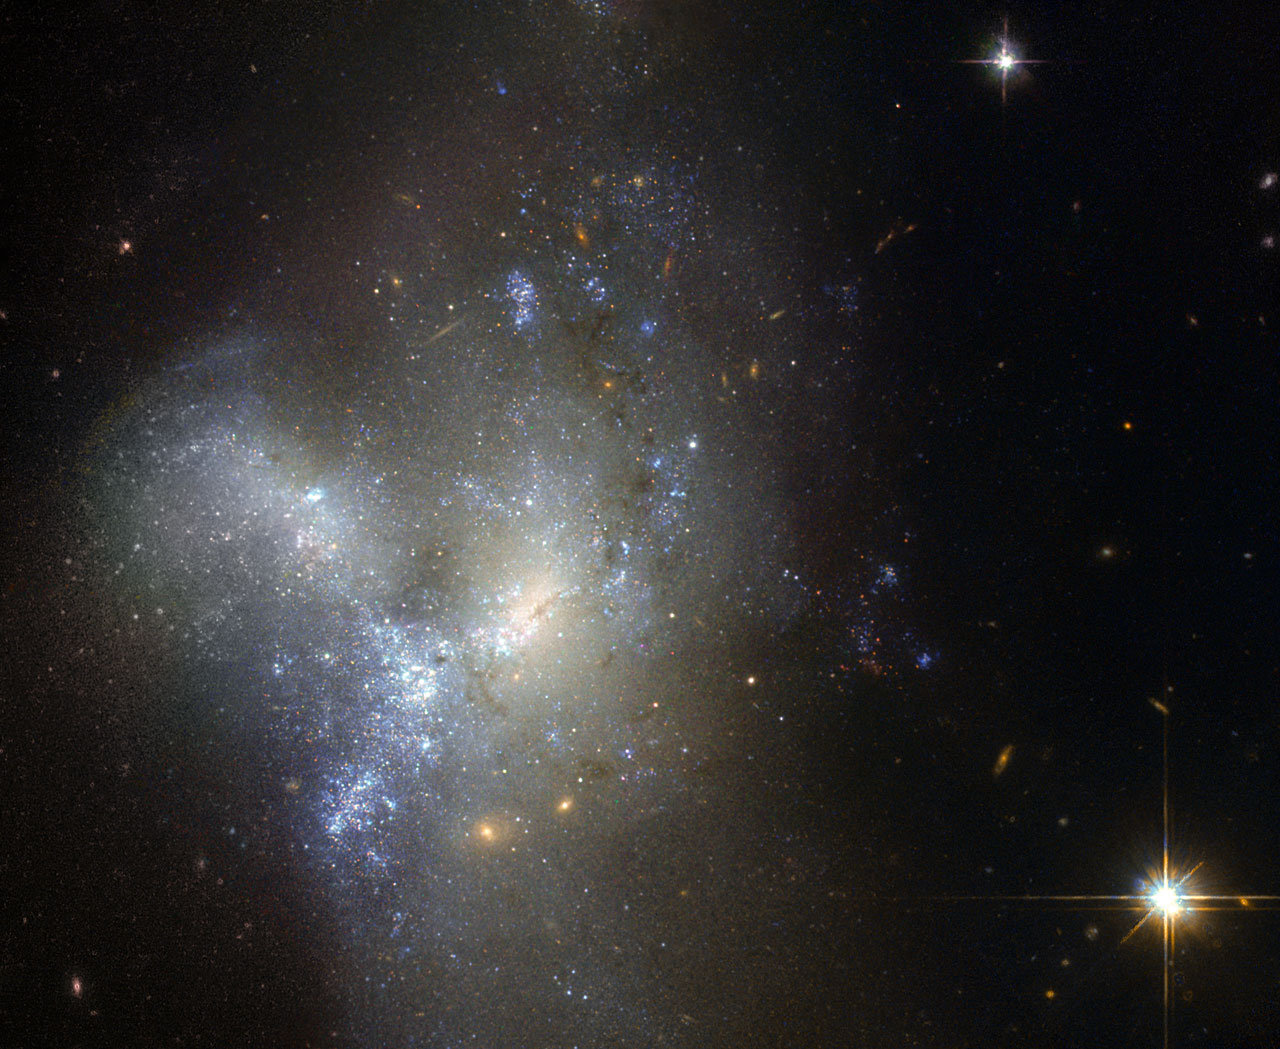 Hubble Views Merging Galaxies in Eridanus